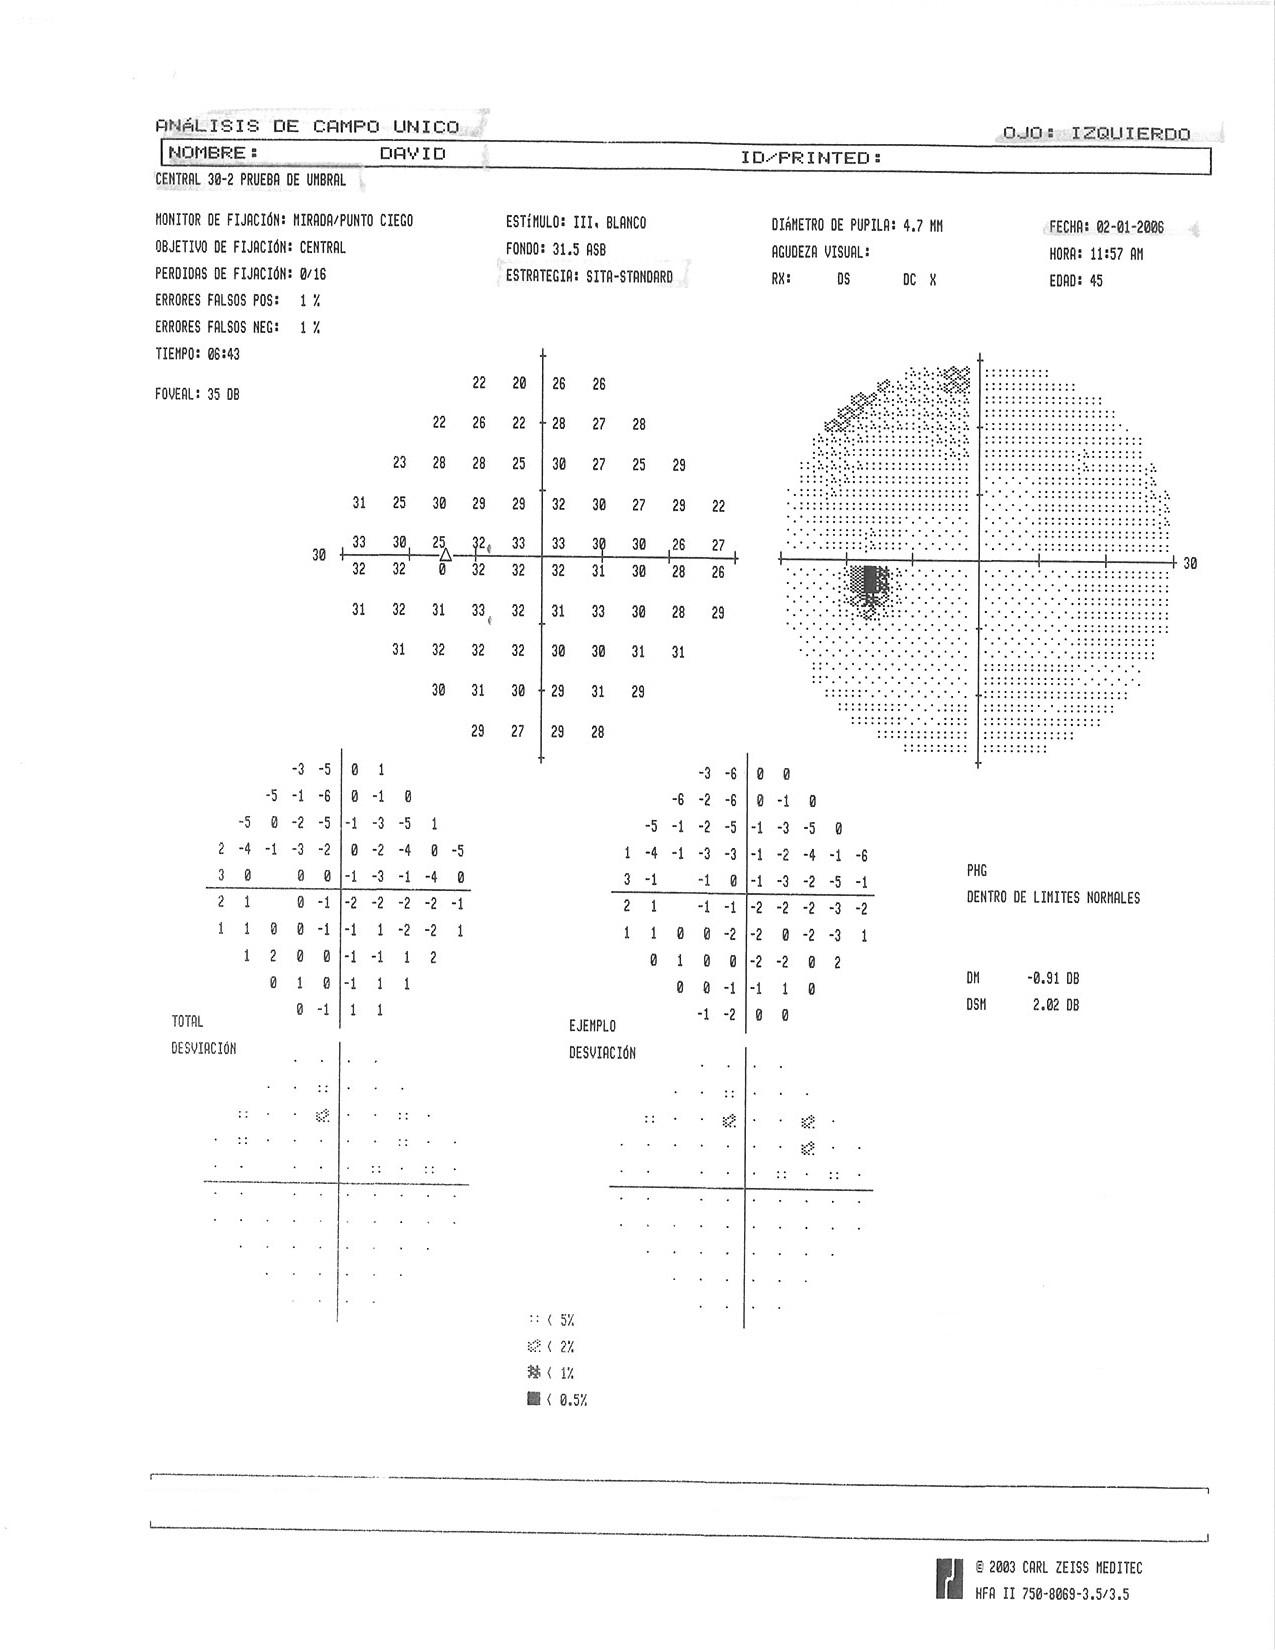 Visual Field | FitEyes.com